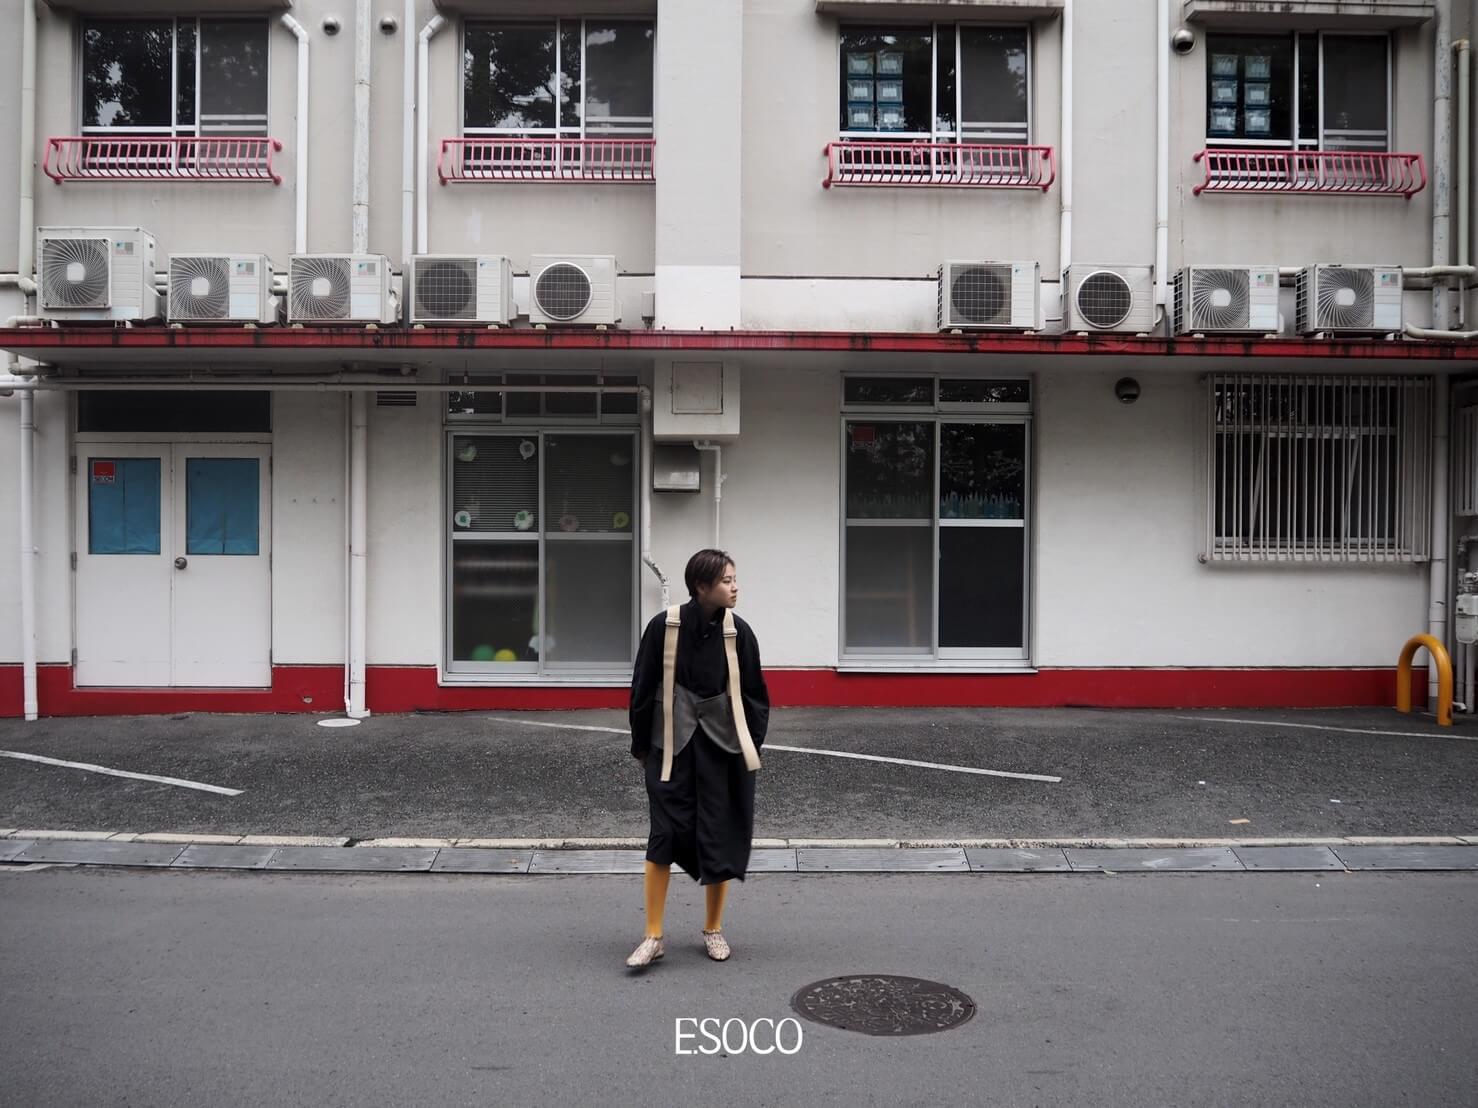 esoco_ビジュアル2